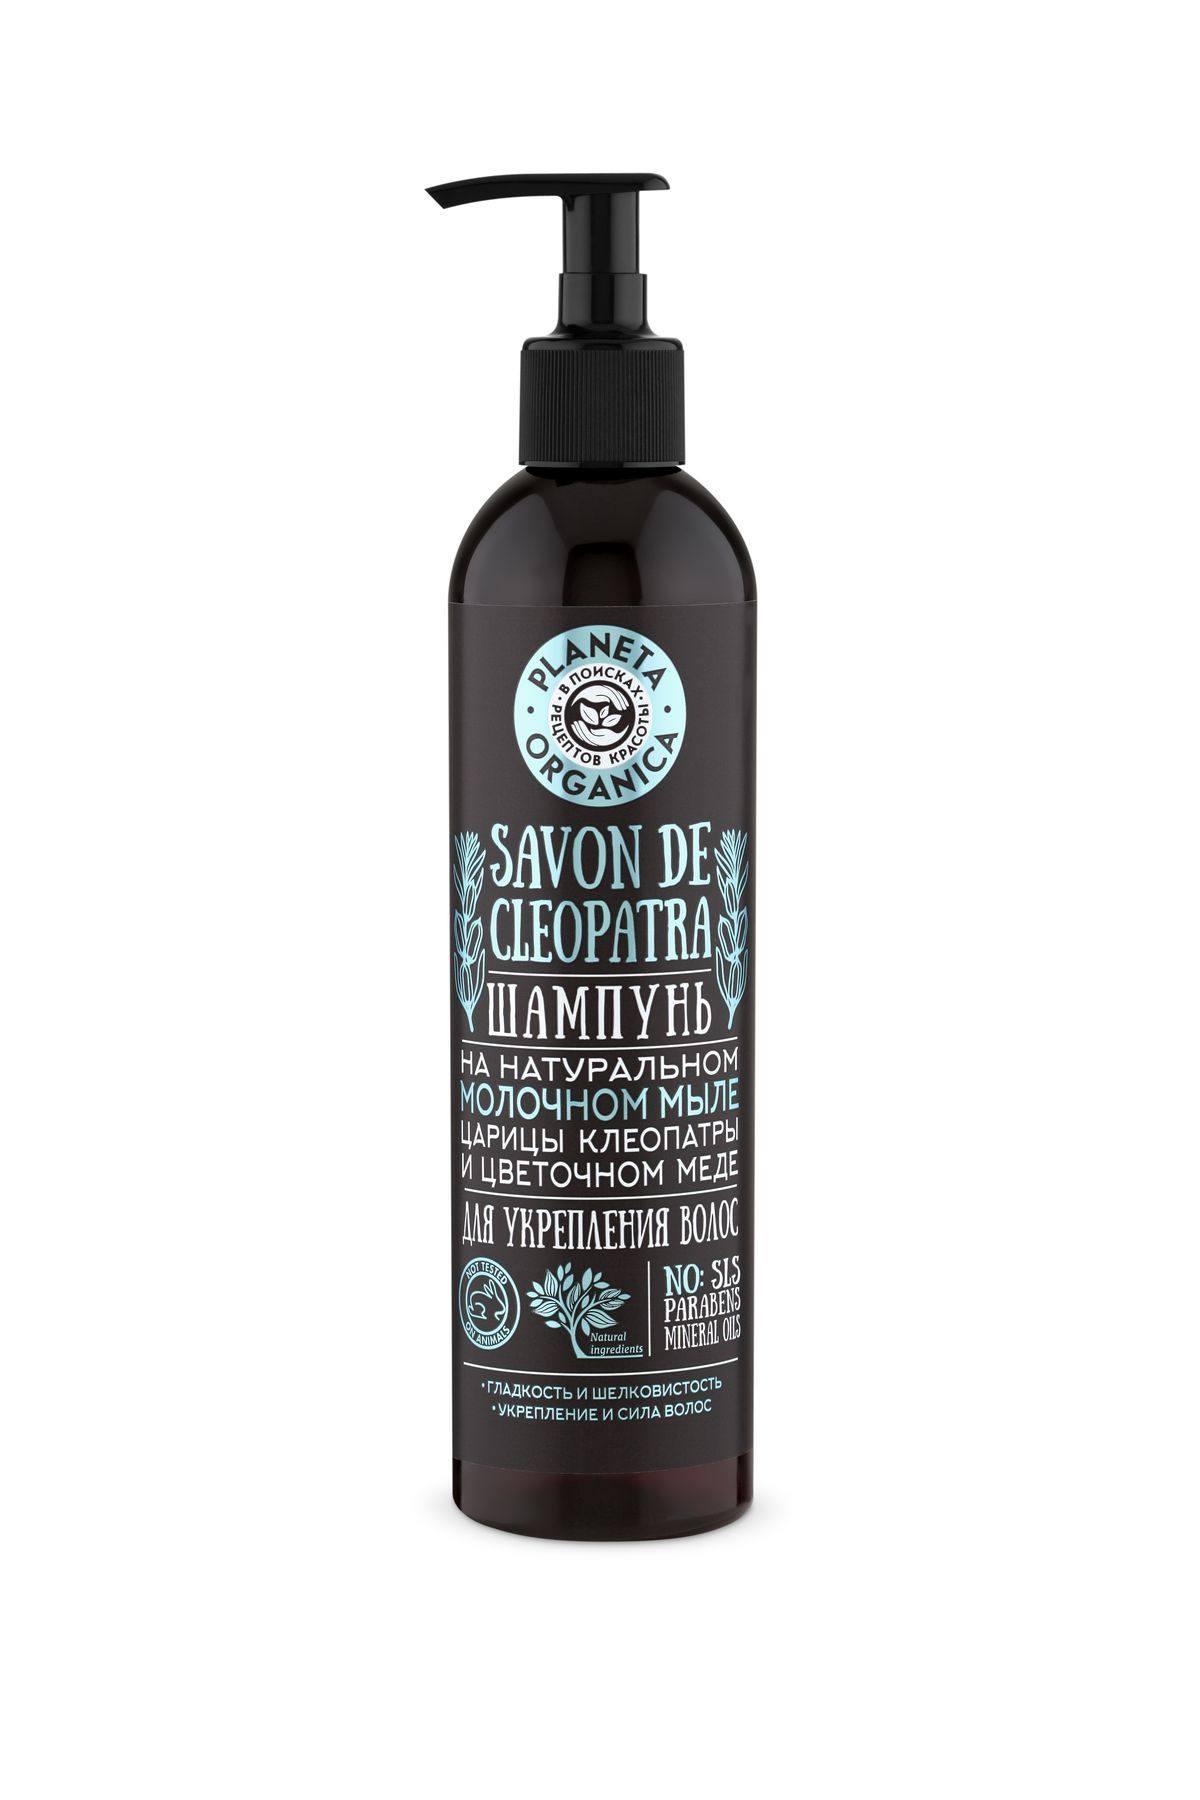 Купить Planeta Organica Savon de Шампунь для укрепления волос Savon de Сleopatra., 400 мл (shop: Organic-shops Organic shops)